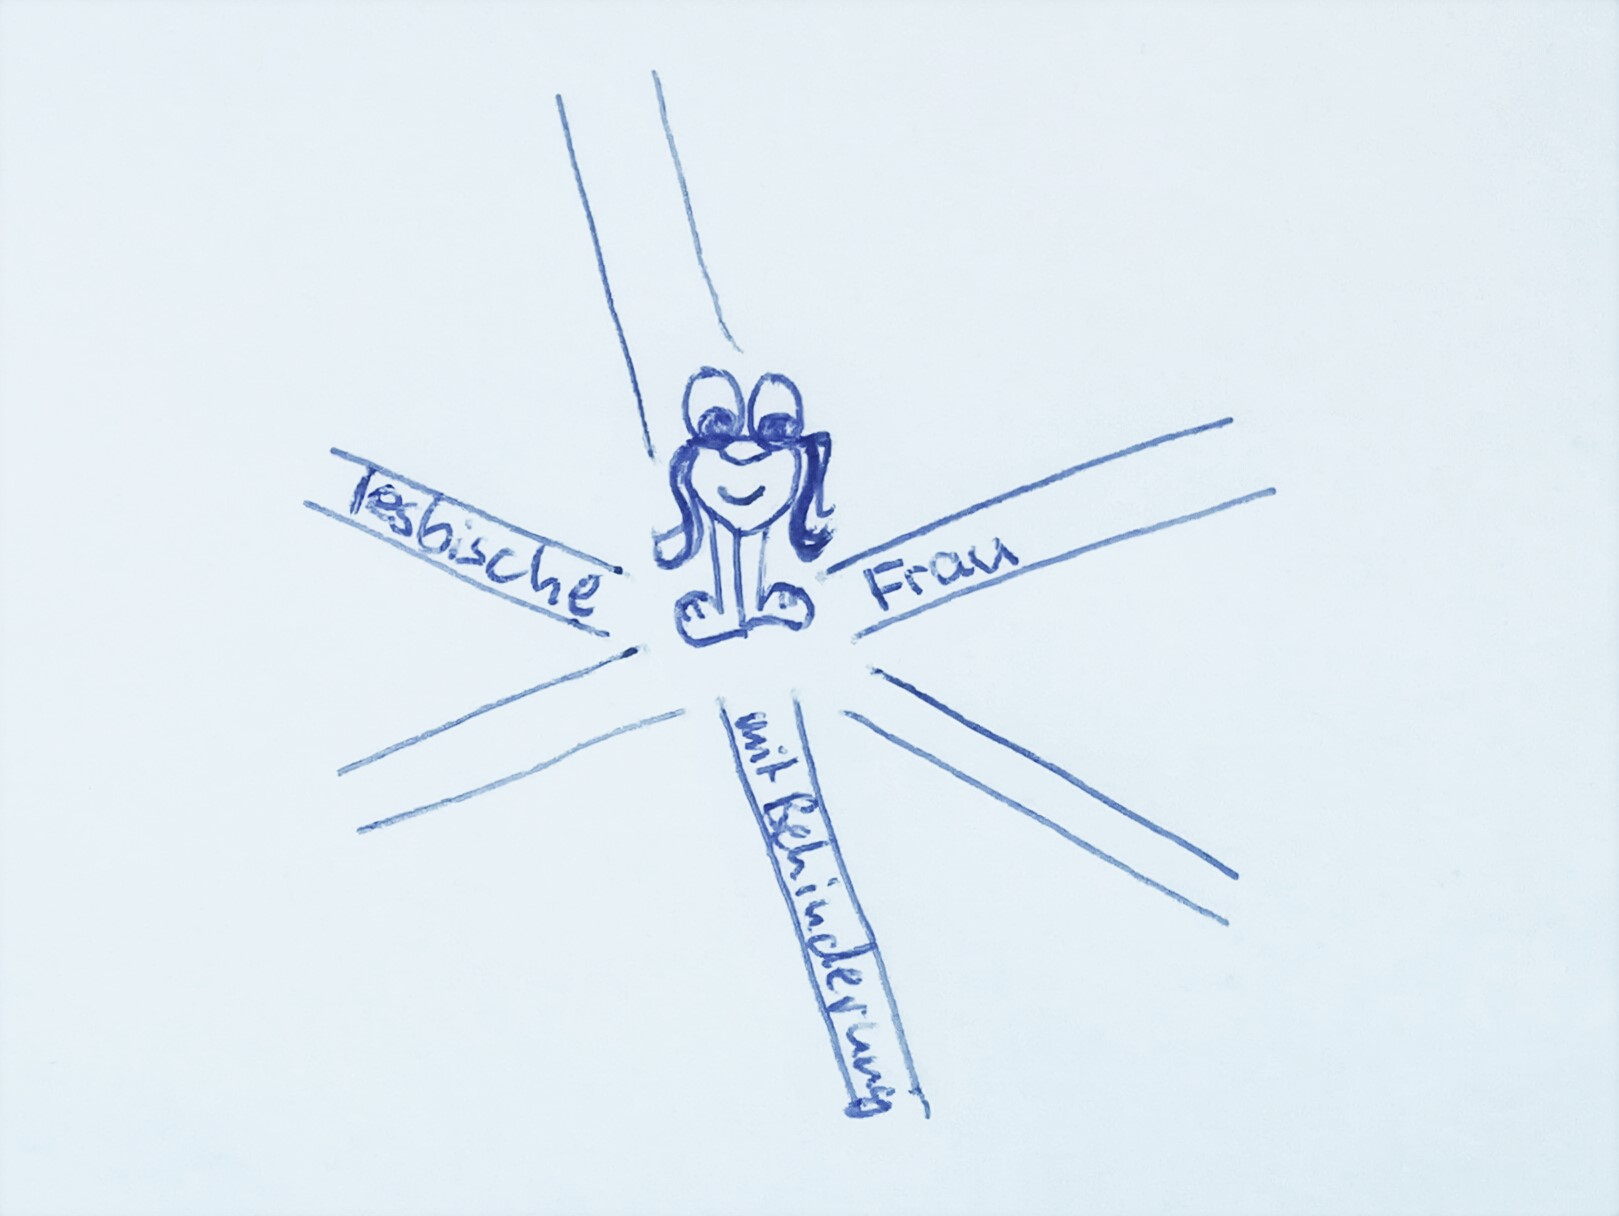 """Zeichnung: Frau steht in der Mitte einer Straßenkreuzung, die Straßen sind mit """"lesbische"""", """"Frau"""" und """"mit Behinderung"""" beschriftet."""